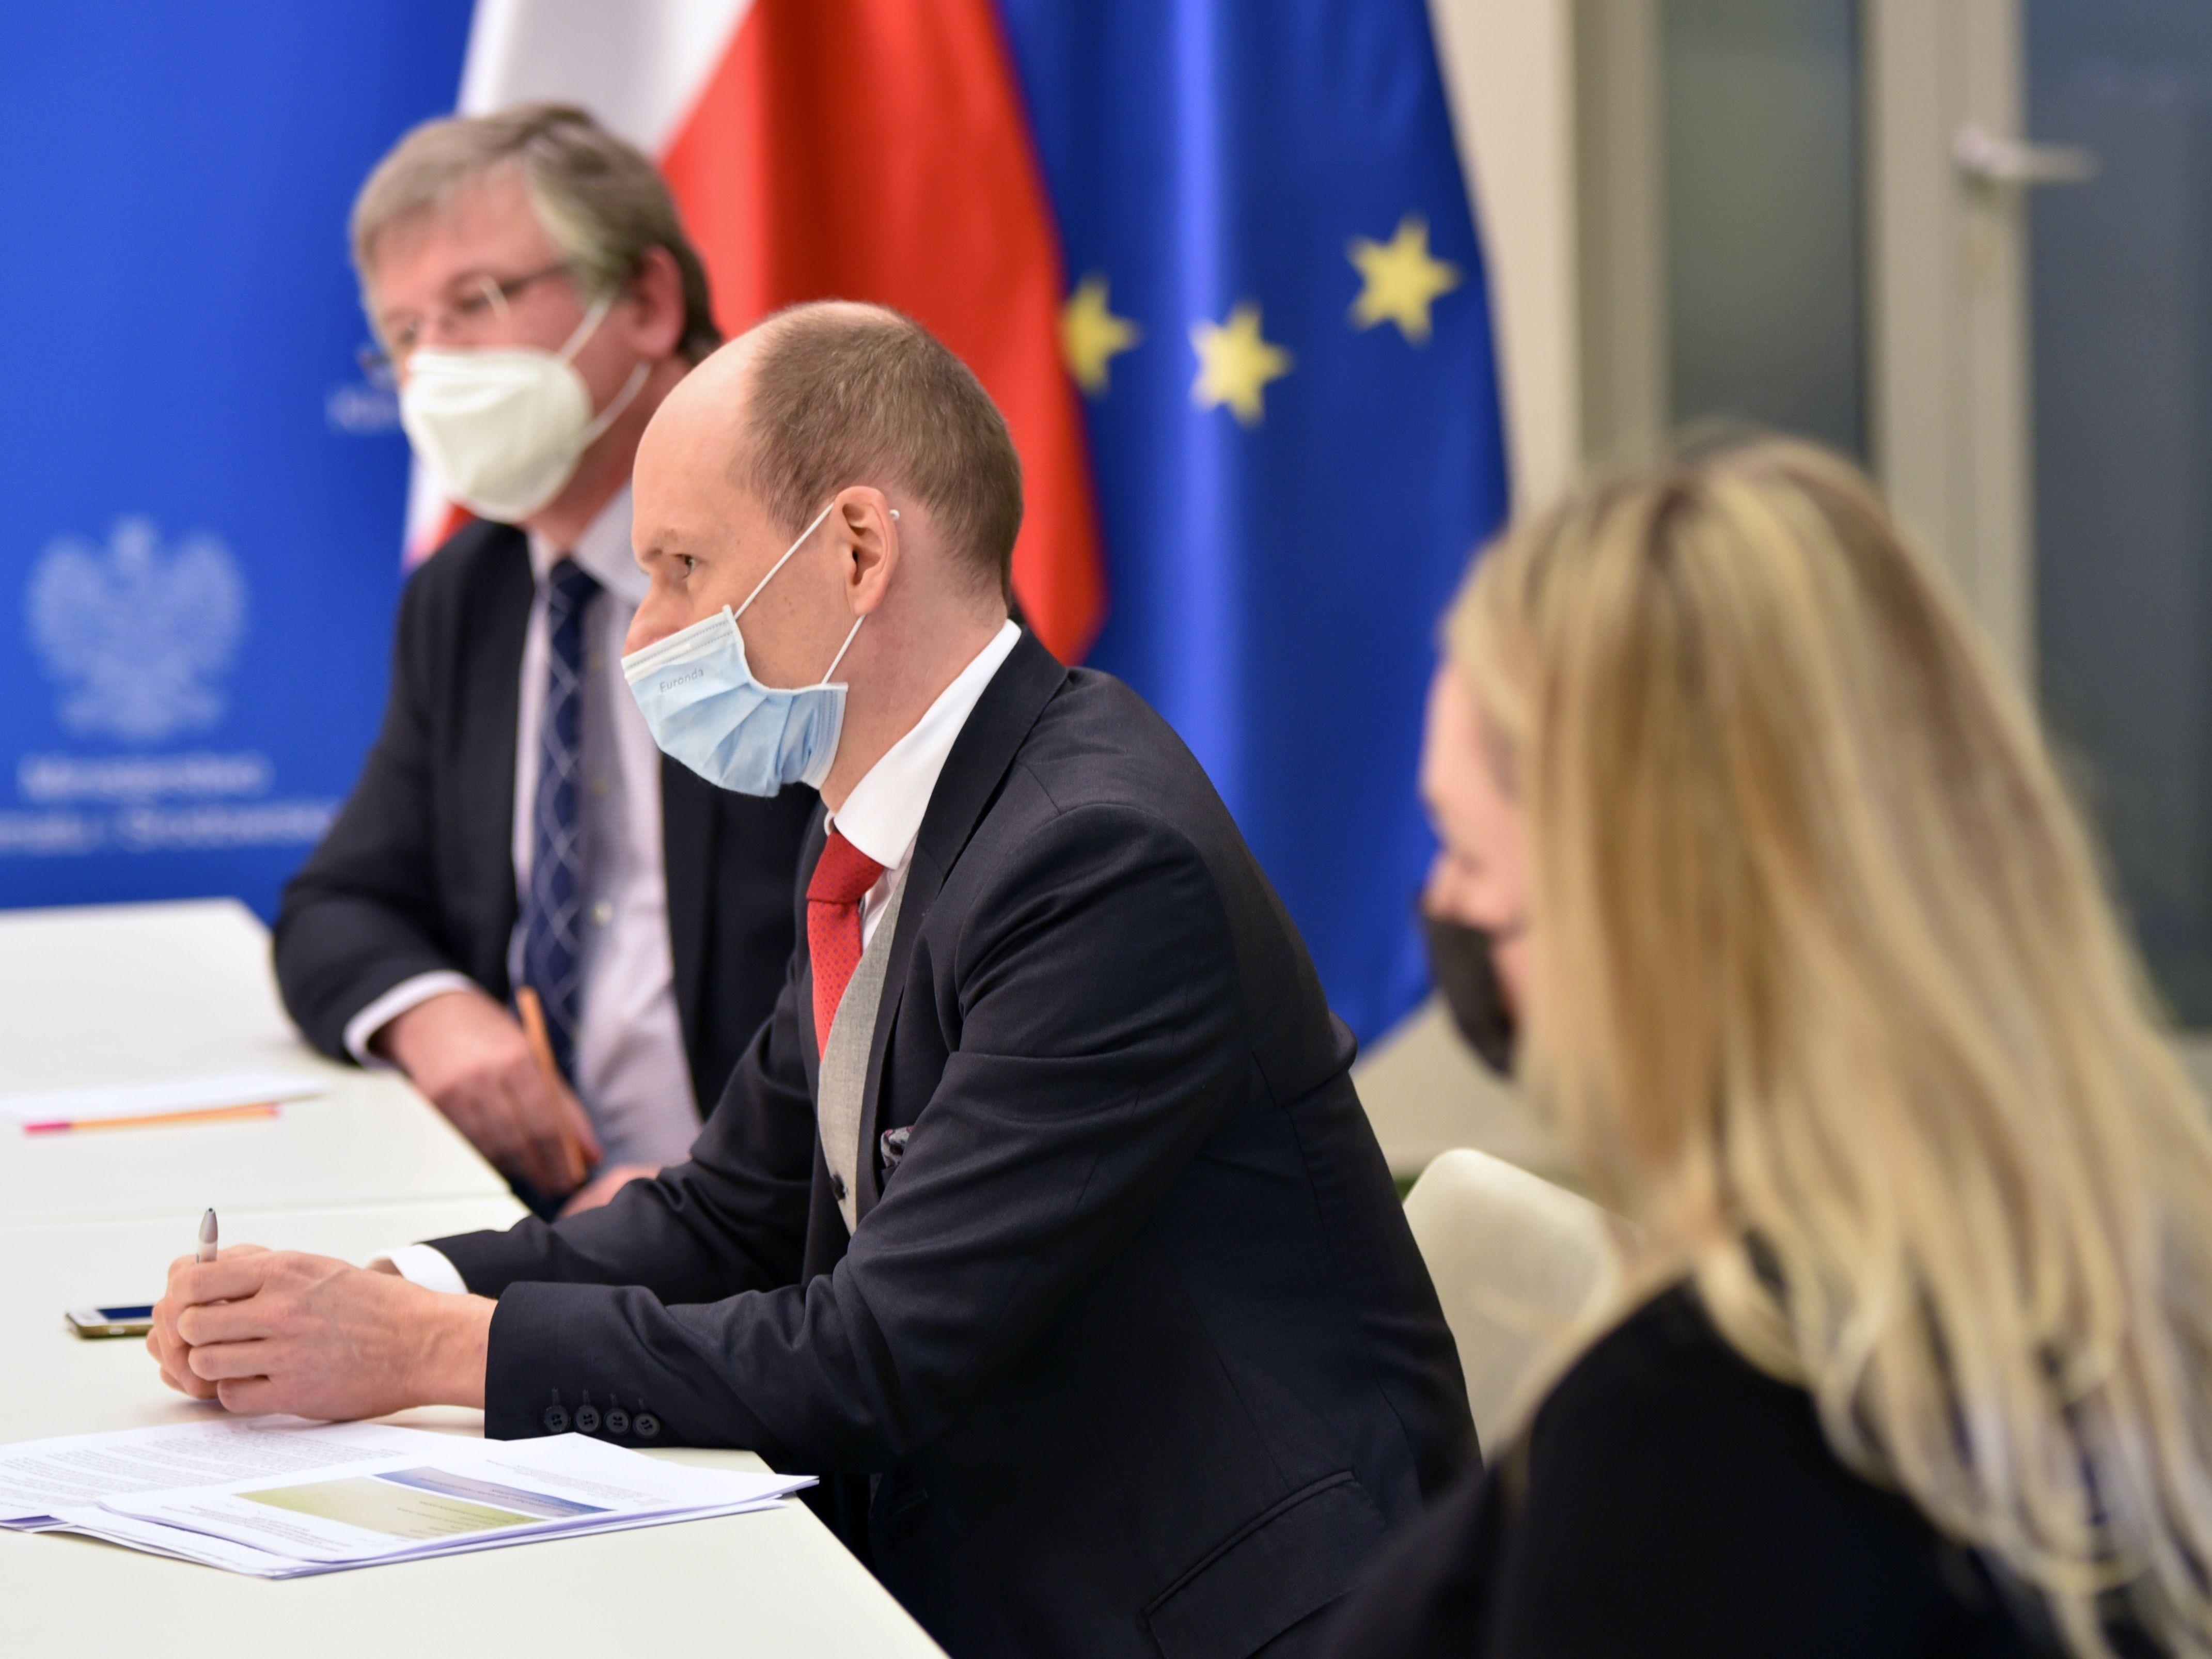 Ministerstvo zahraničních věcí spolu s Ministerstvem životního prostředí jednaly v Polsku o dole Turów